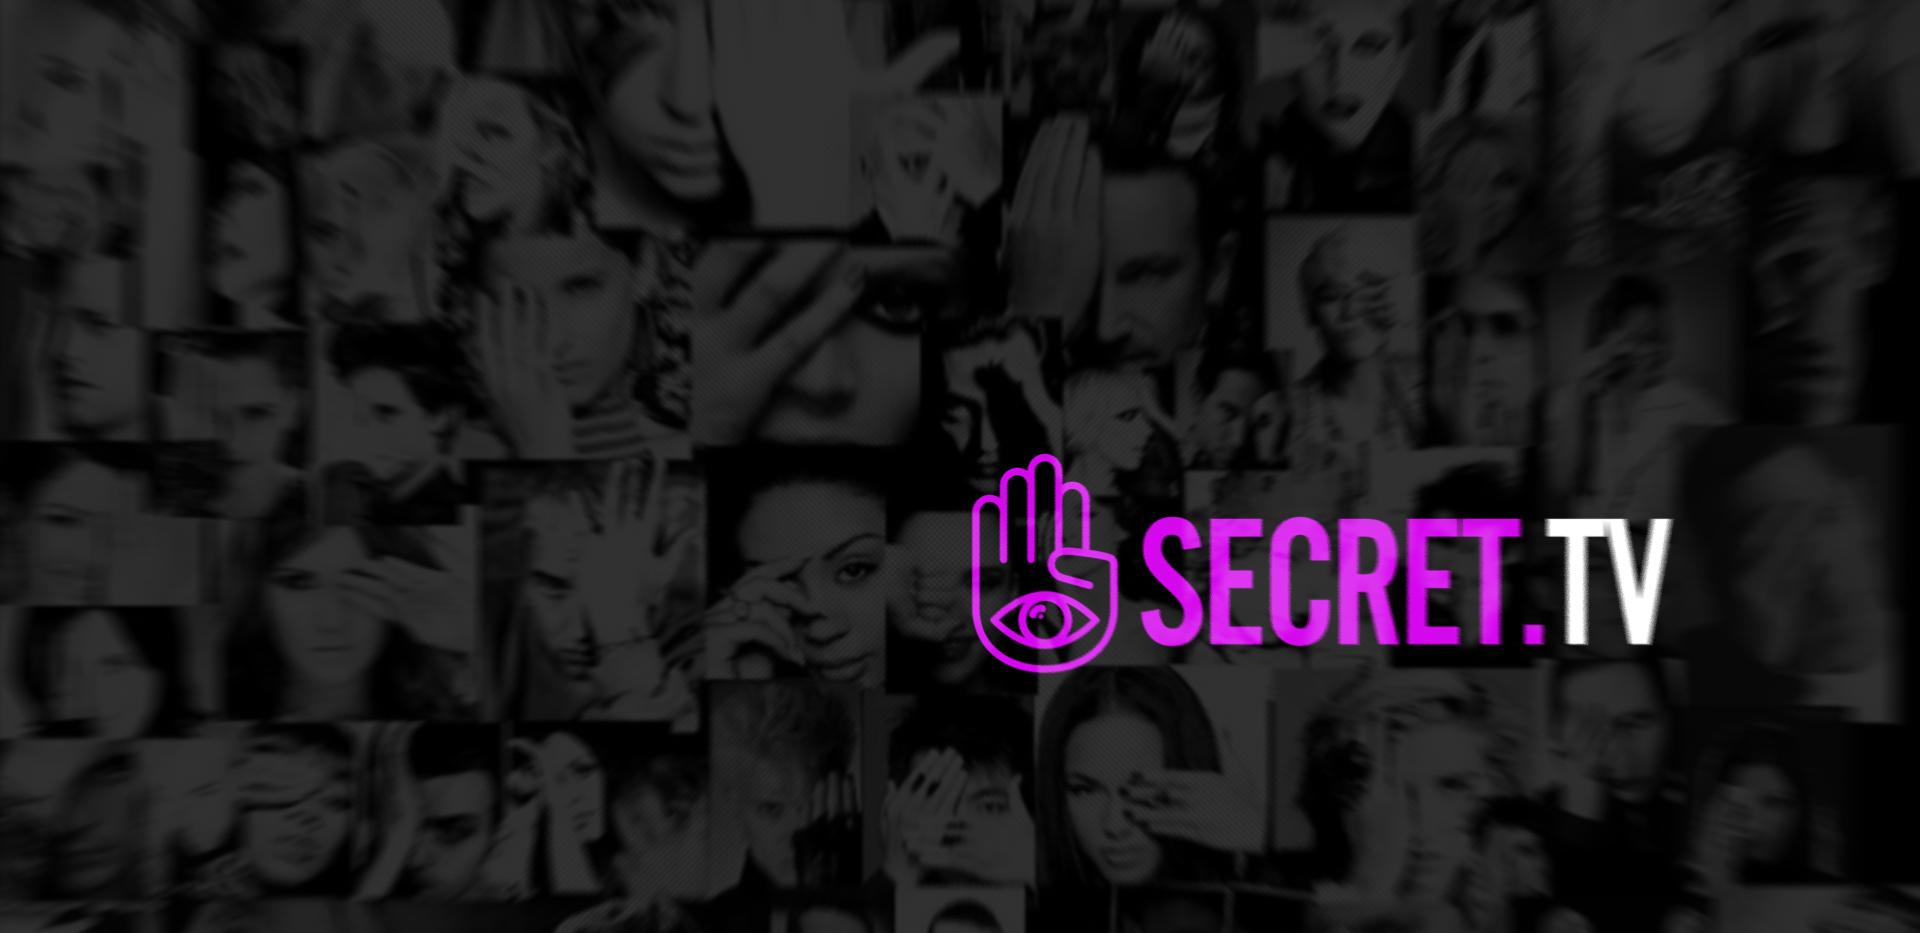 Www.Secret.Tv